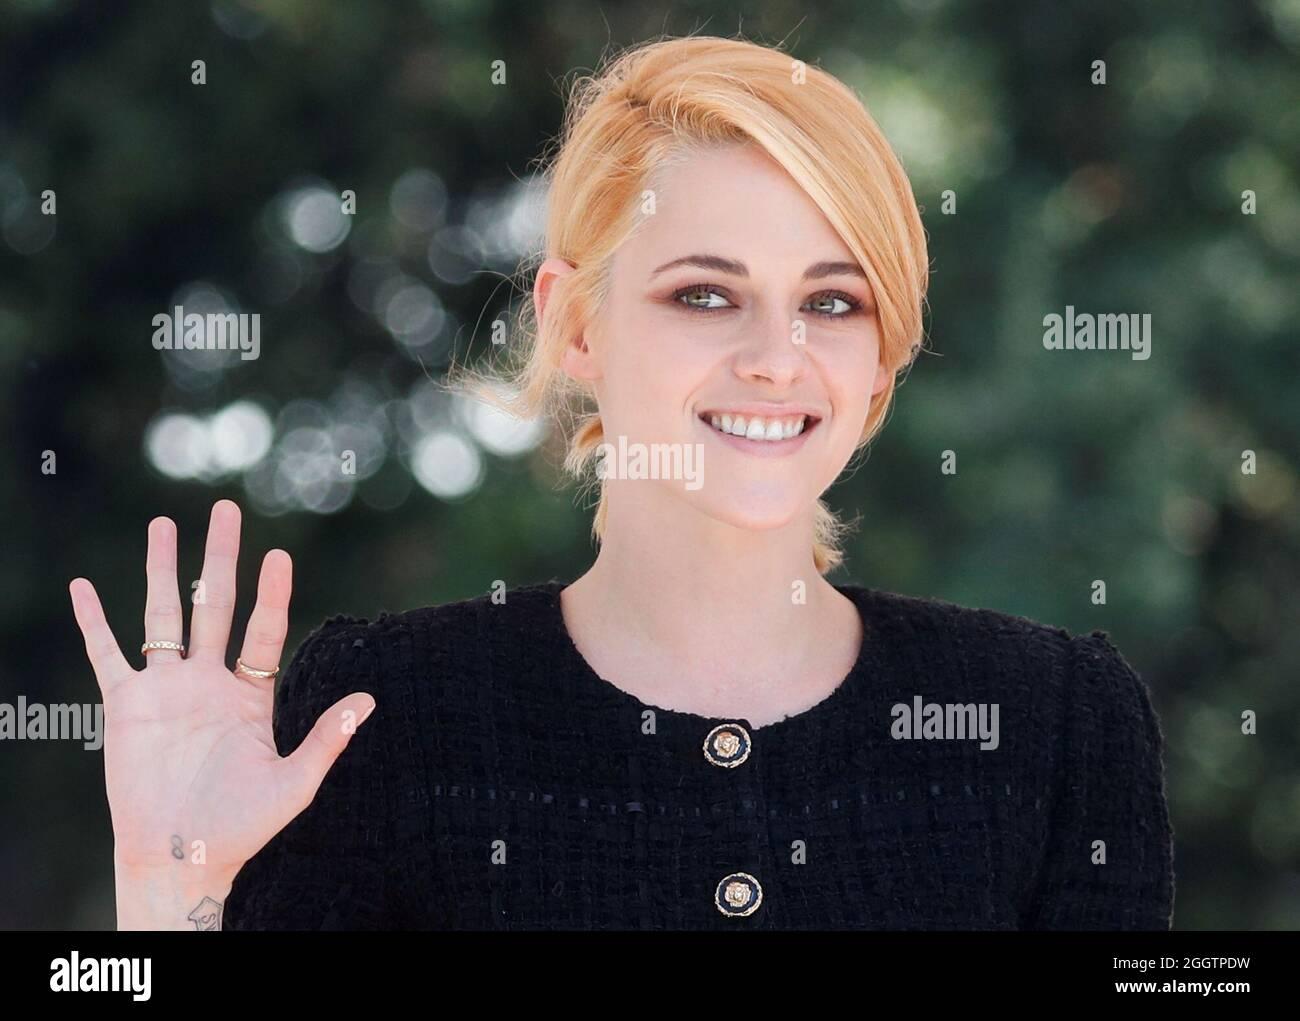 L'attore Kristen Stewart Waves durante il 78° Festival Internazionale del Cinema di Venezia, a Venezia, 3 settembre 2021. REUTERS/Yara Nardi Foto Stock